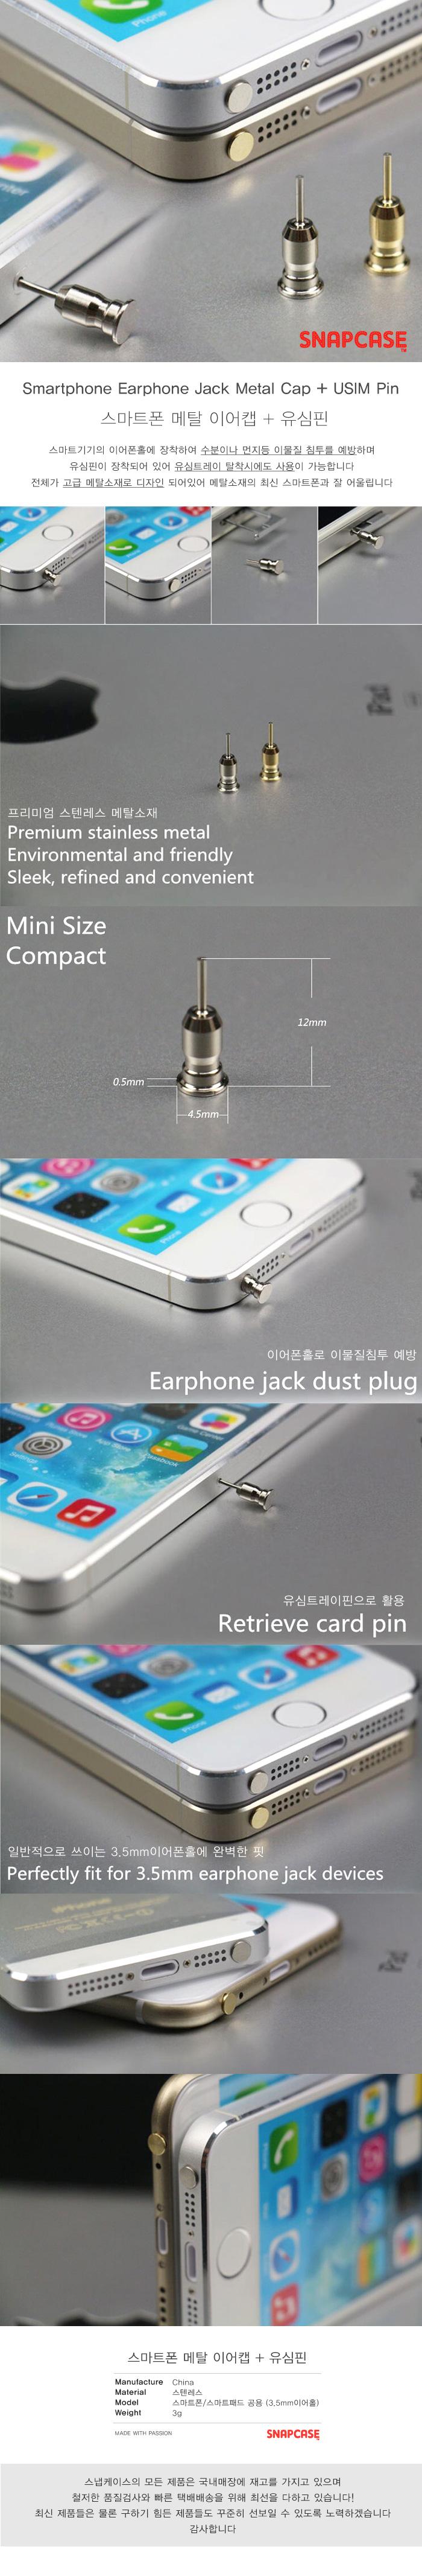 스마트폰 메탈 이어폰잭캡 유심핀+이어캡 - 스냅케이스, 2,900원, 스티커/이어캡, 이어캡